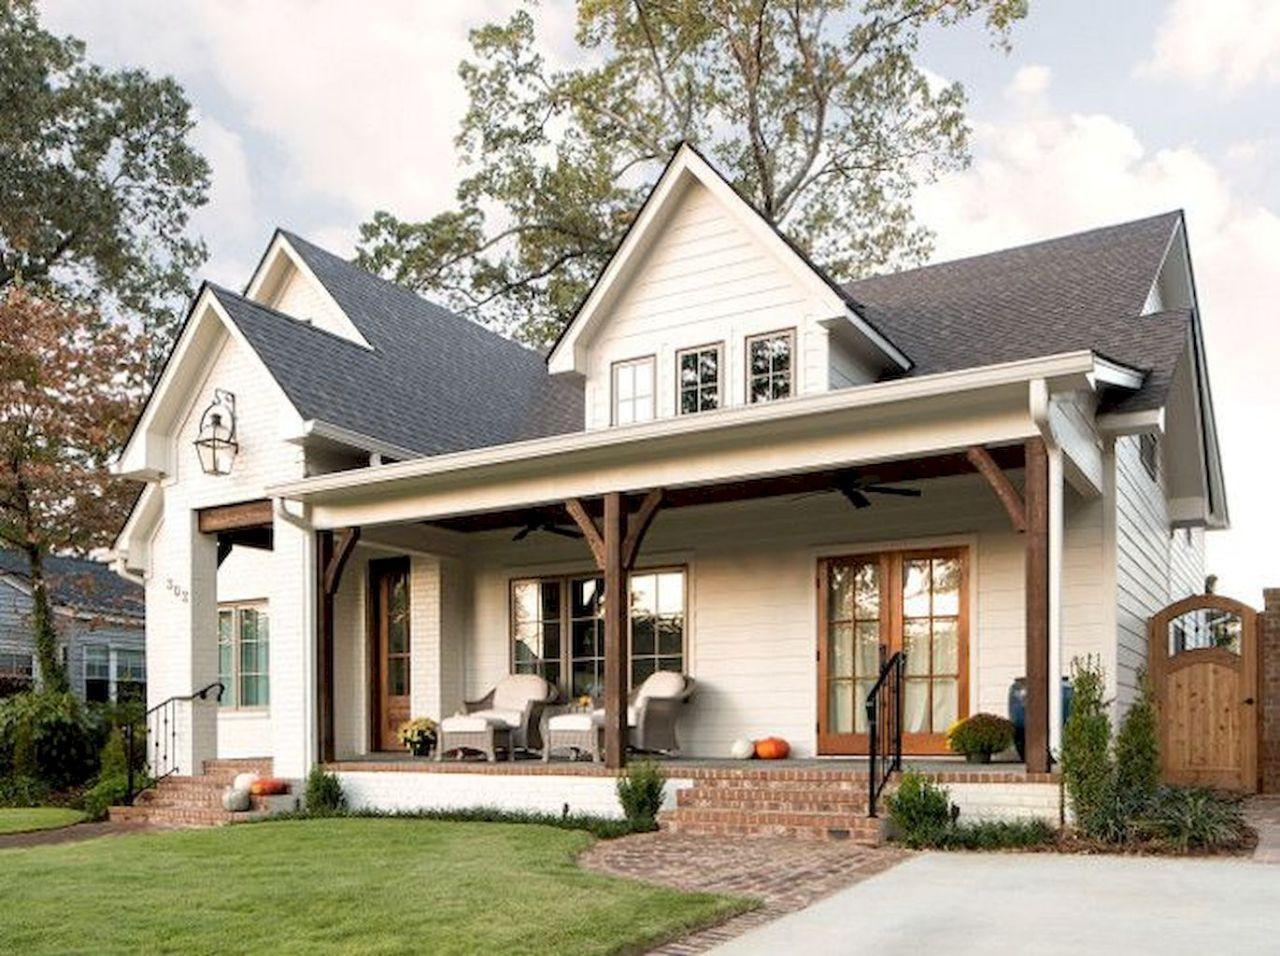 Gambar Rumah Keren - Jasa Desain Rumah Bekasi 082122828228